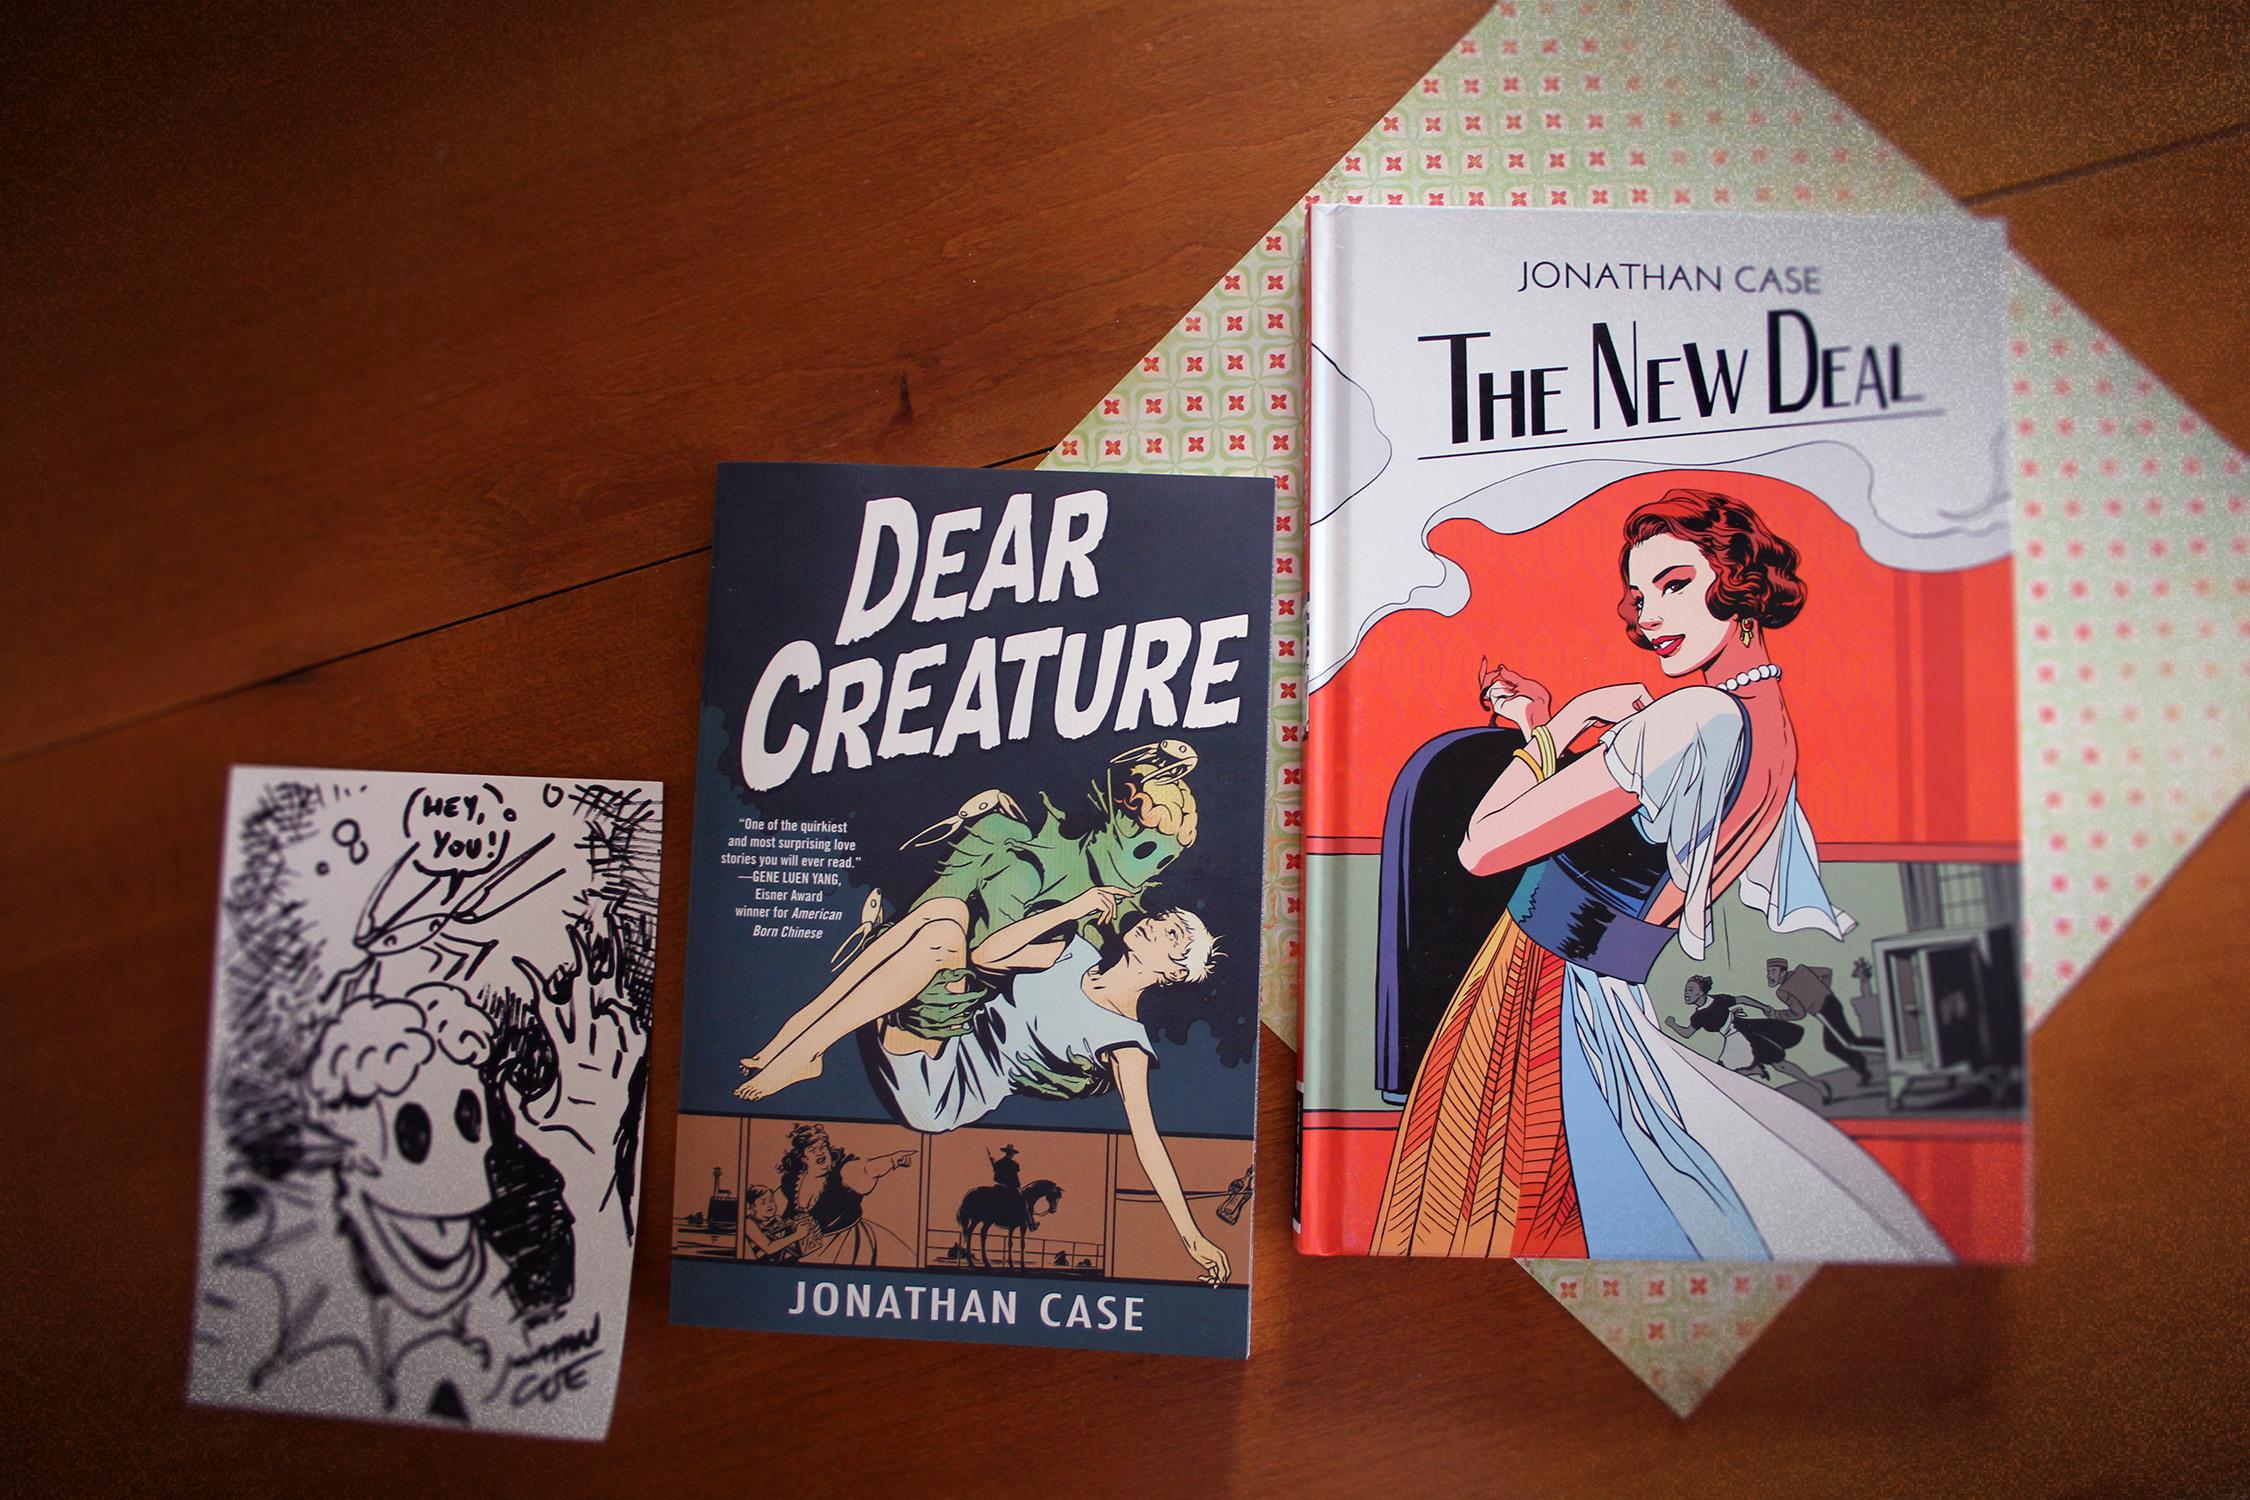 Jonathan Case Gift Pack